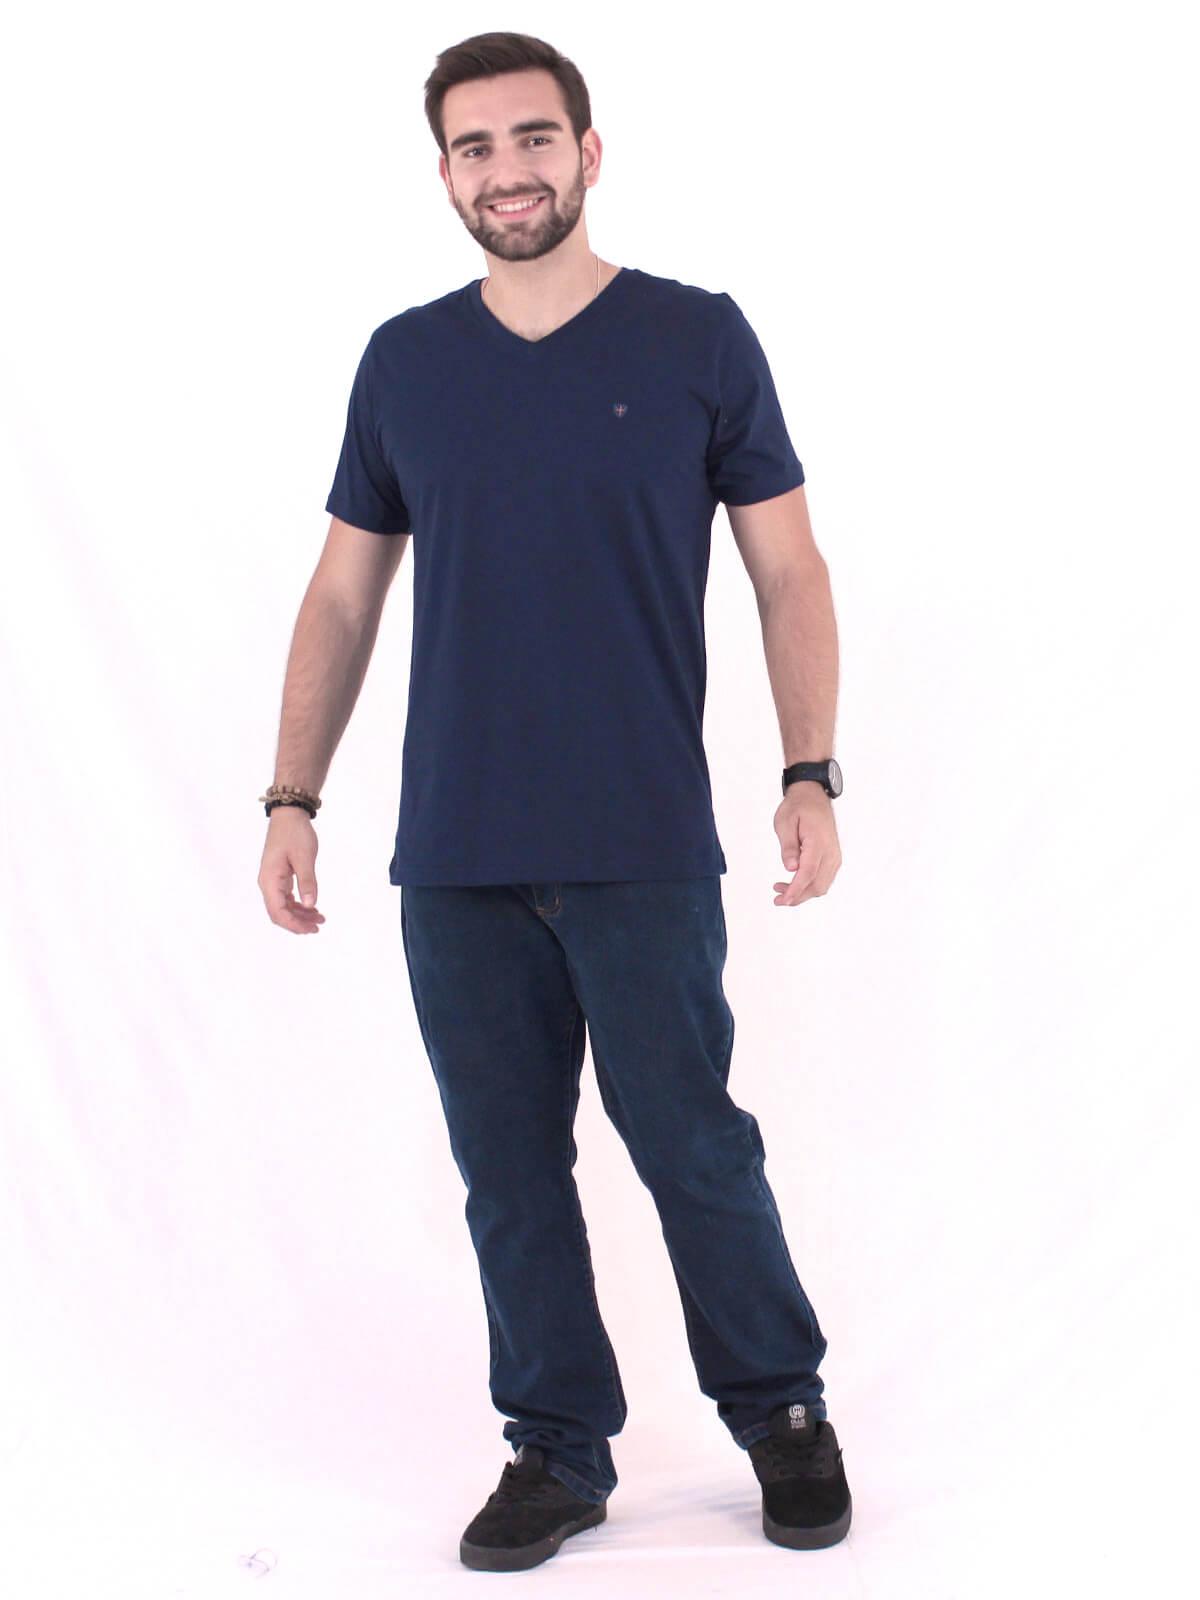 Camiseta Masculina Básica Decote V. Estampada Kingdom Marinho